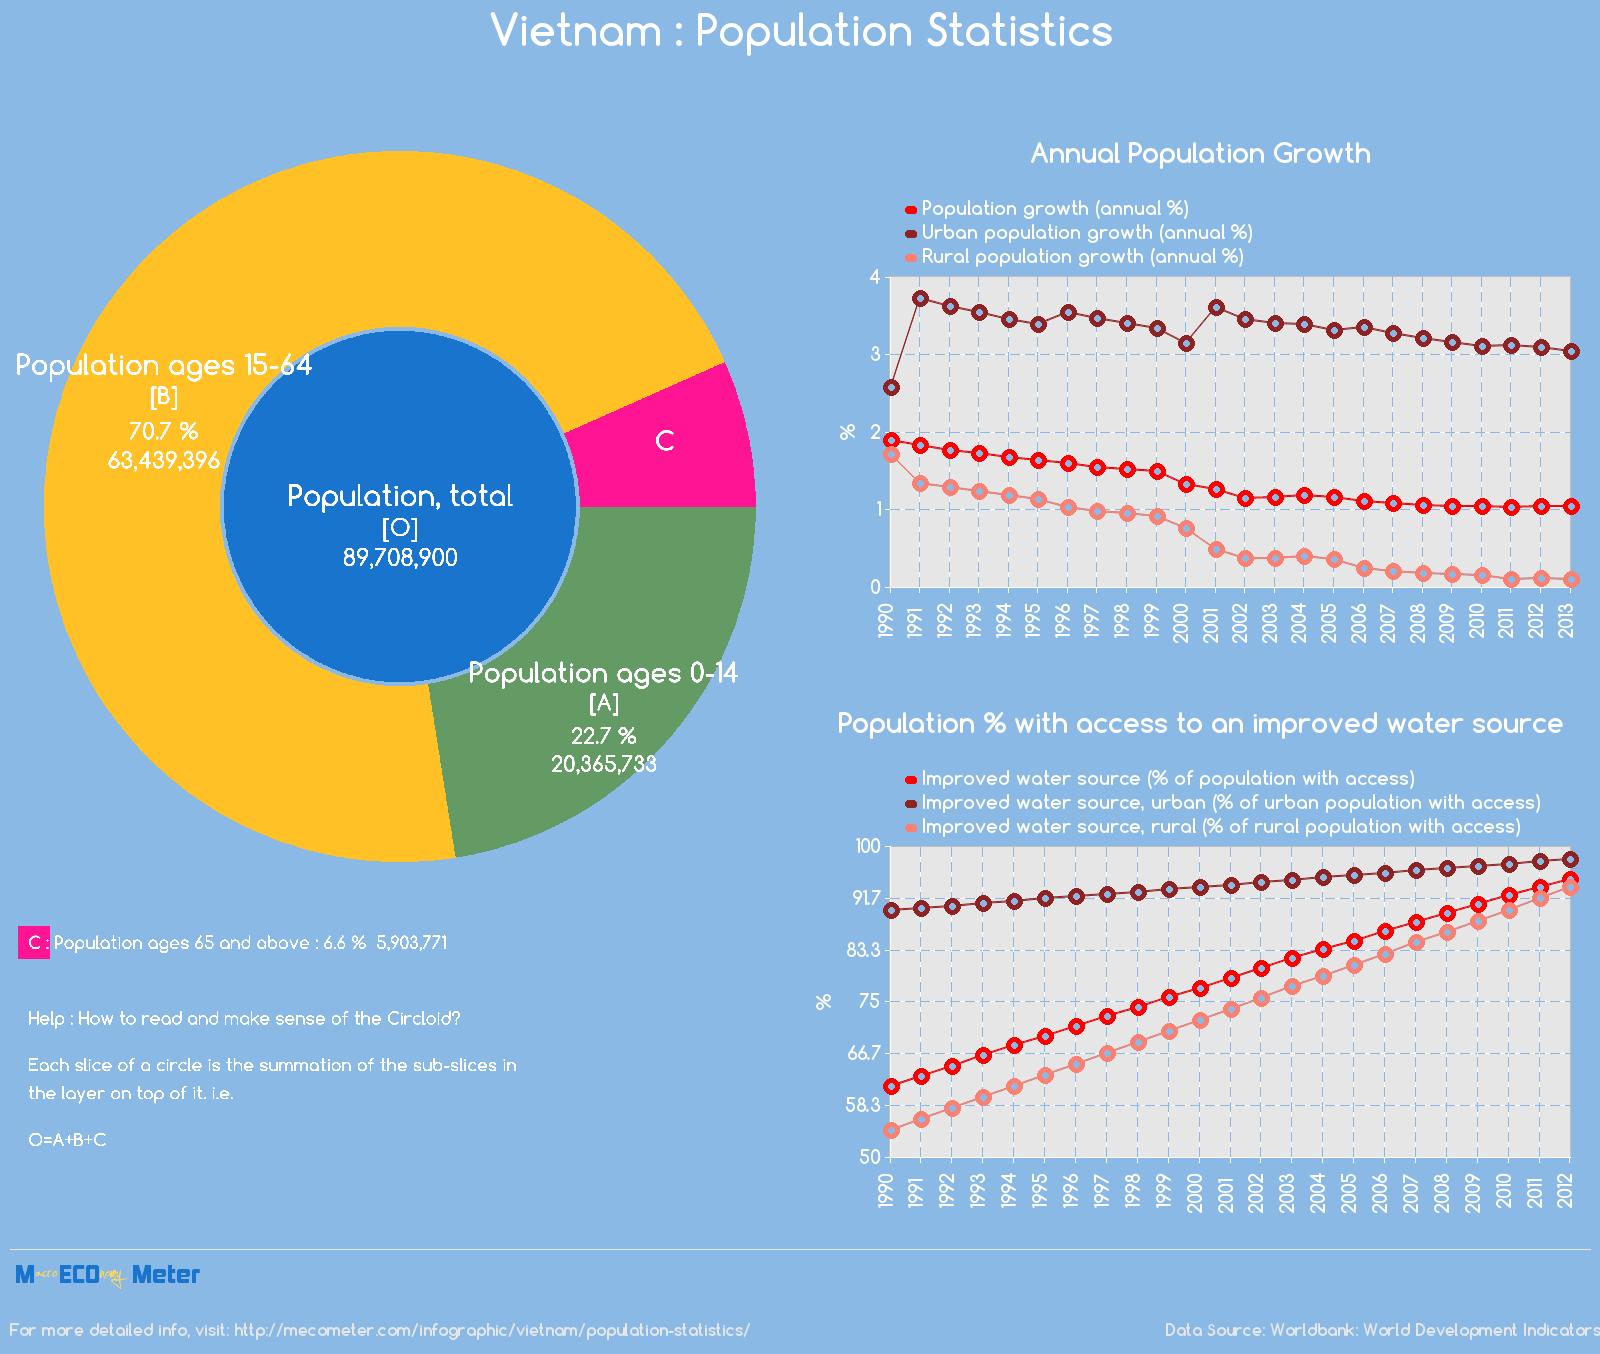 Vietnam : Population Statistics